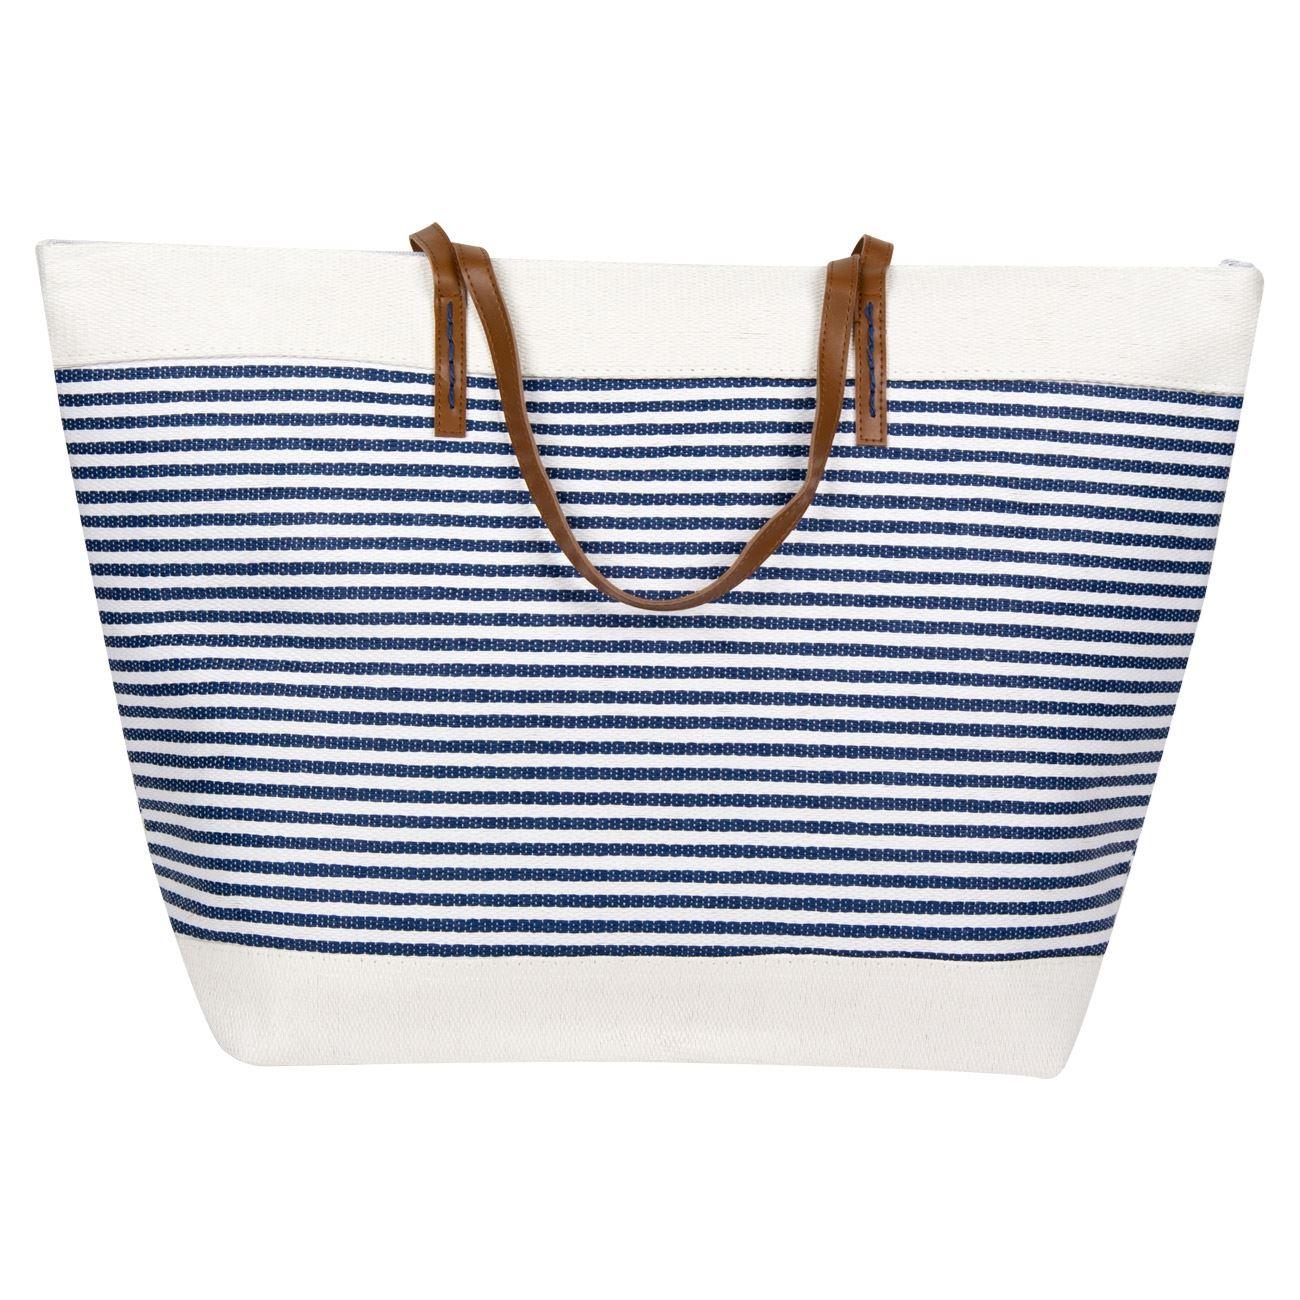 Τσάντα Θαλάσσης Ψάθινη Λευκή Μπλε Ριγέ 60x40x20   Τσάντες Ψάθινες ... 0044b0c93a1